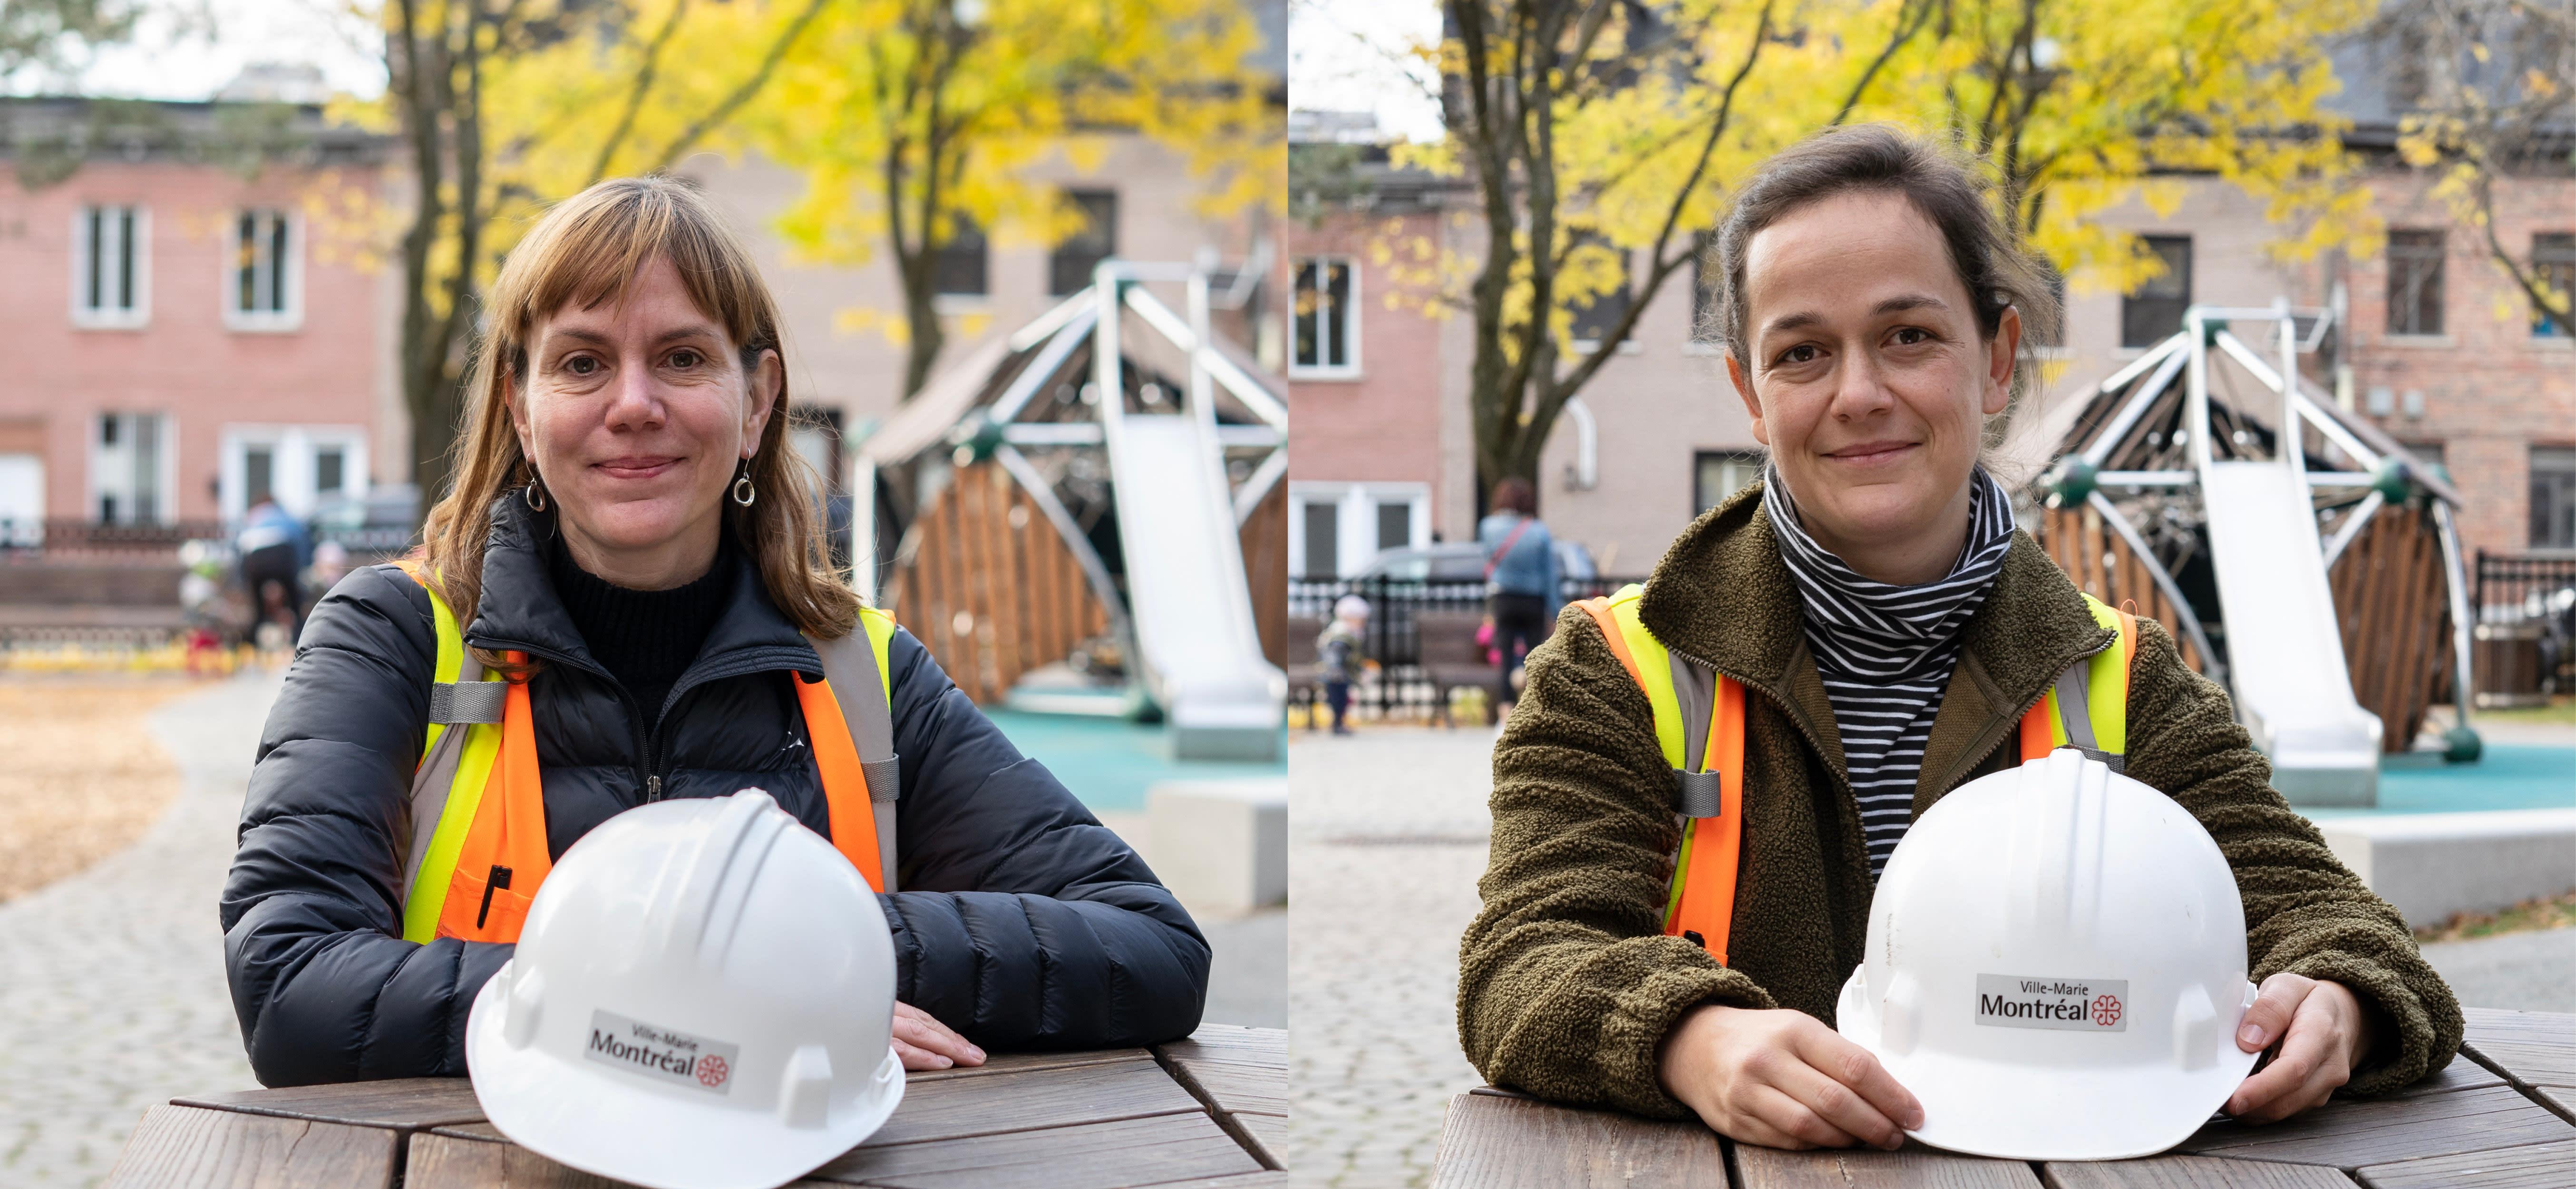 Marie-Ève Plante et Daphnée St-Pierre travaillent pour la division des parcs